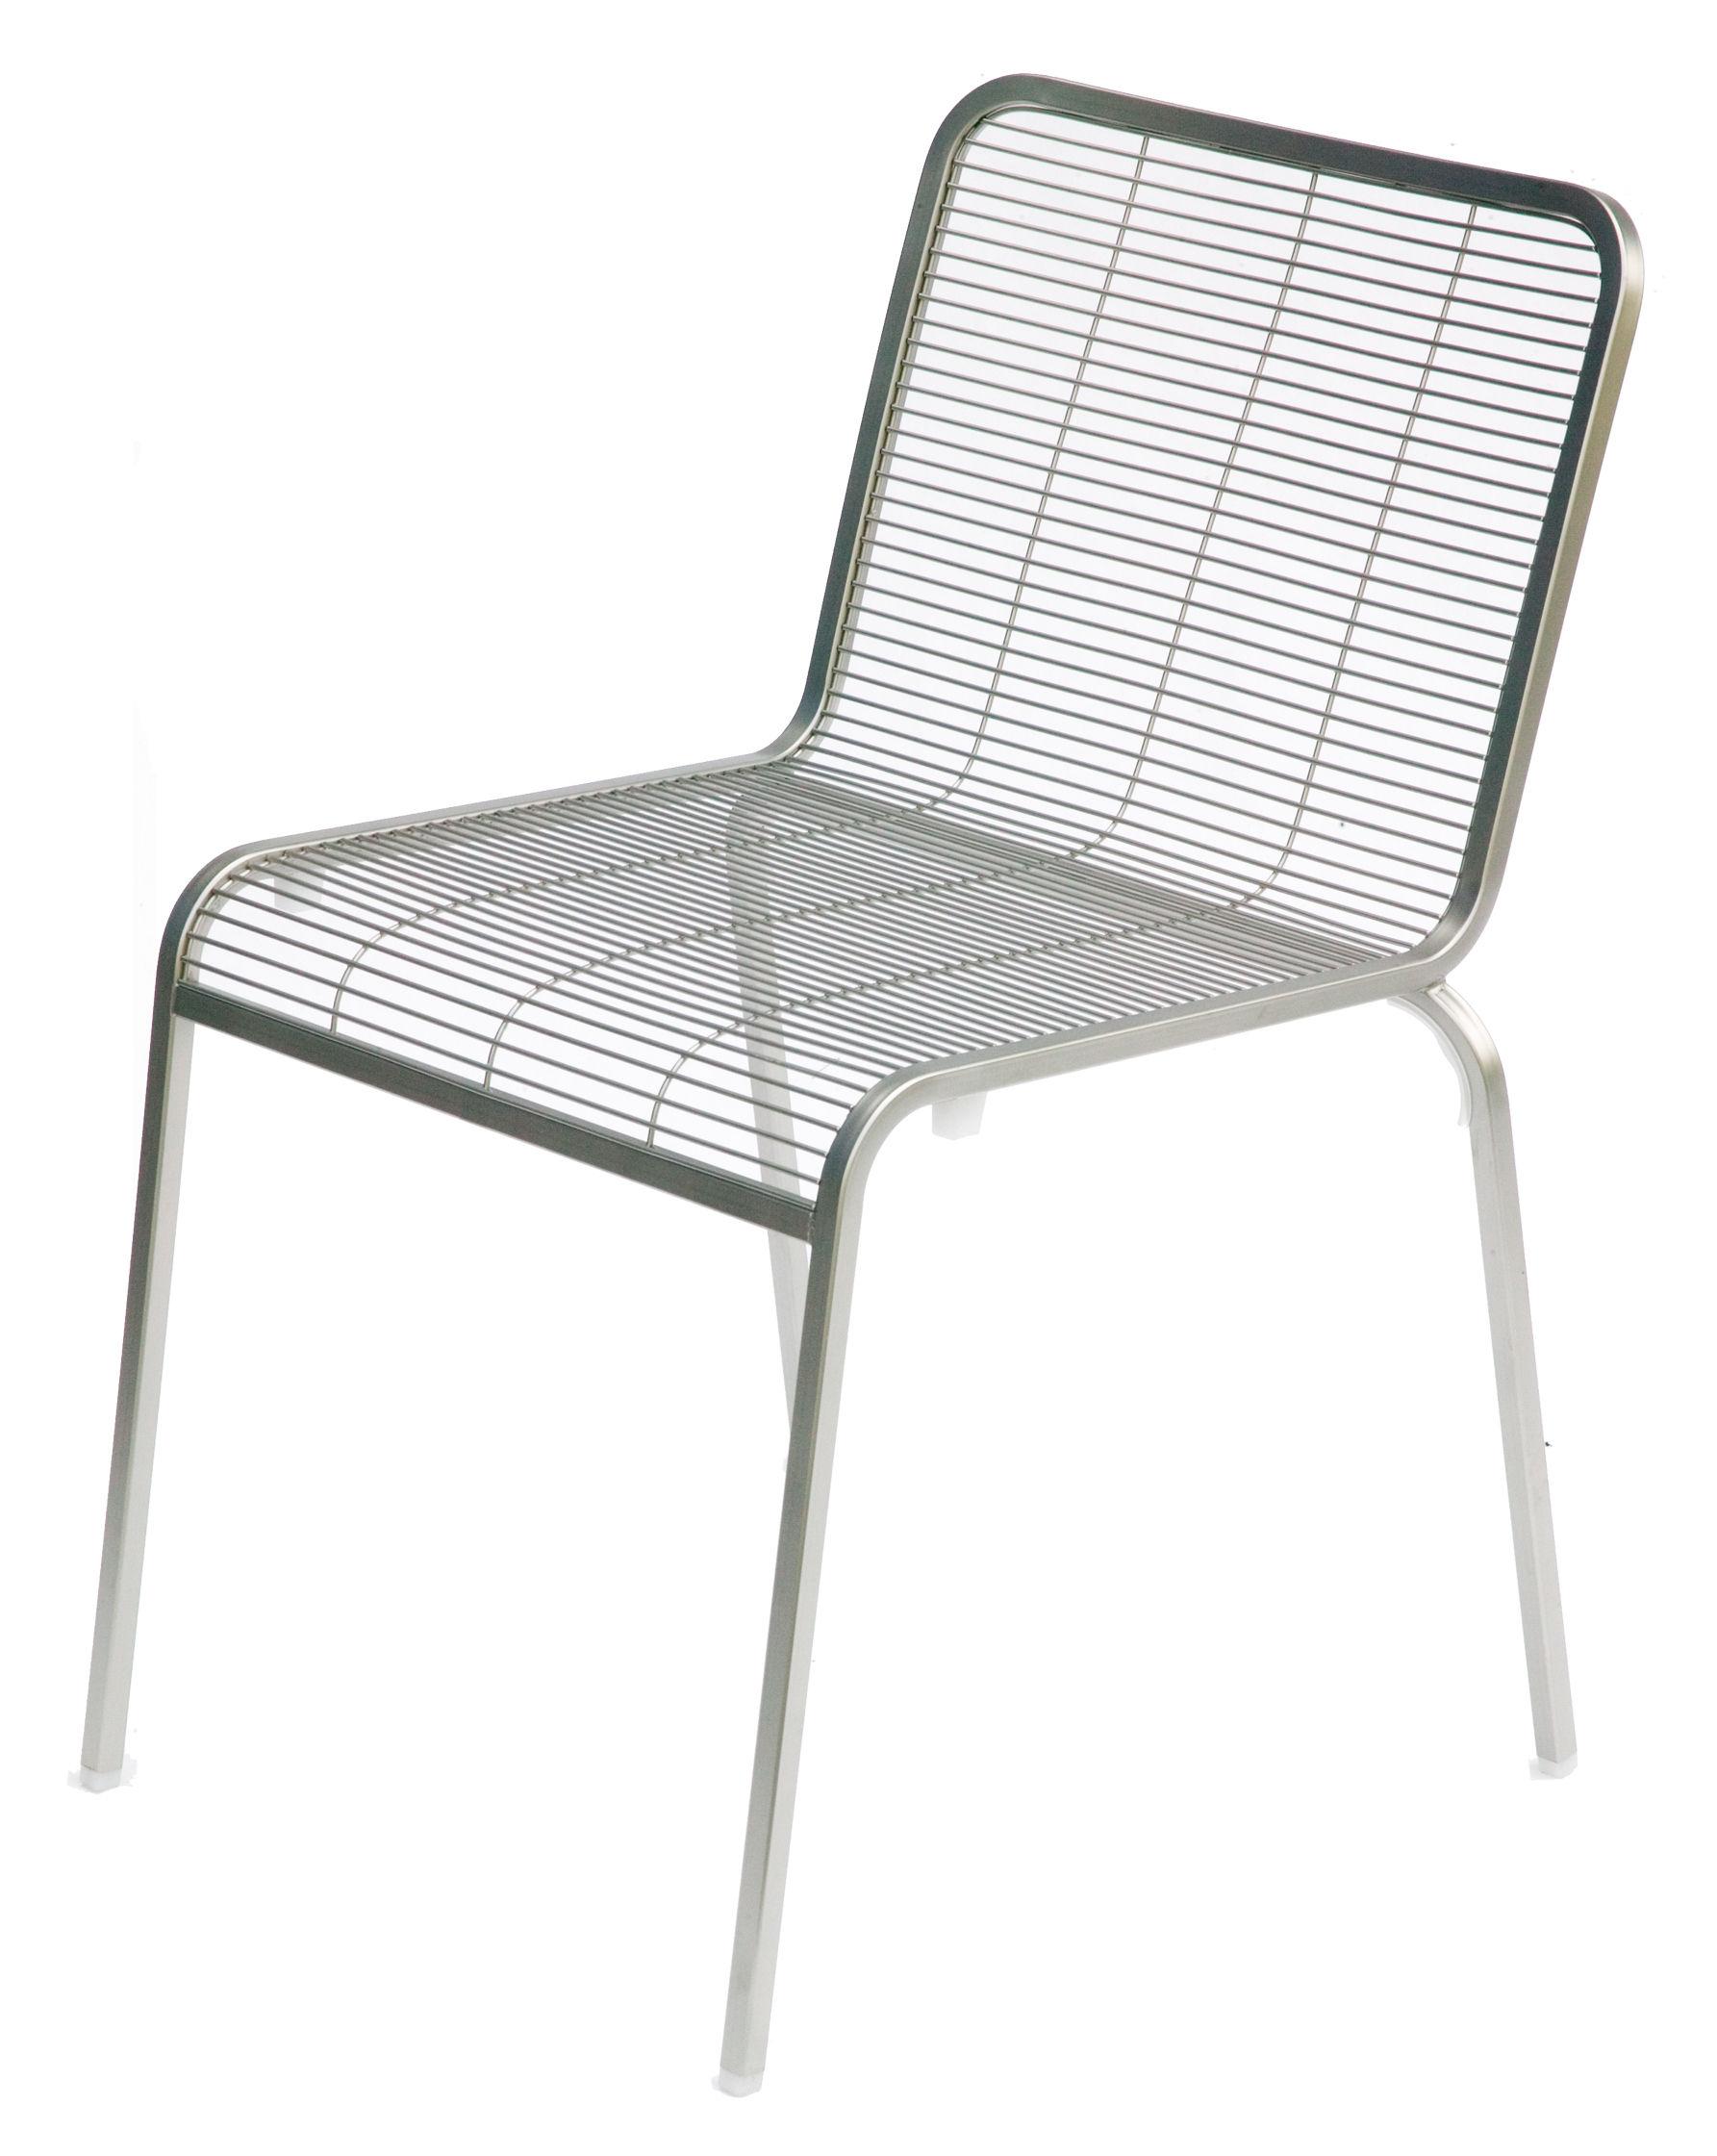 Scopri Sedia Aria, Acciaio di La Palma, Made In Design Italia